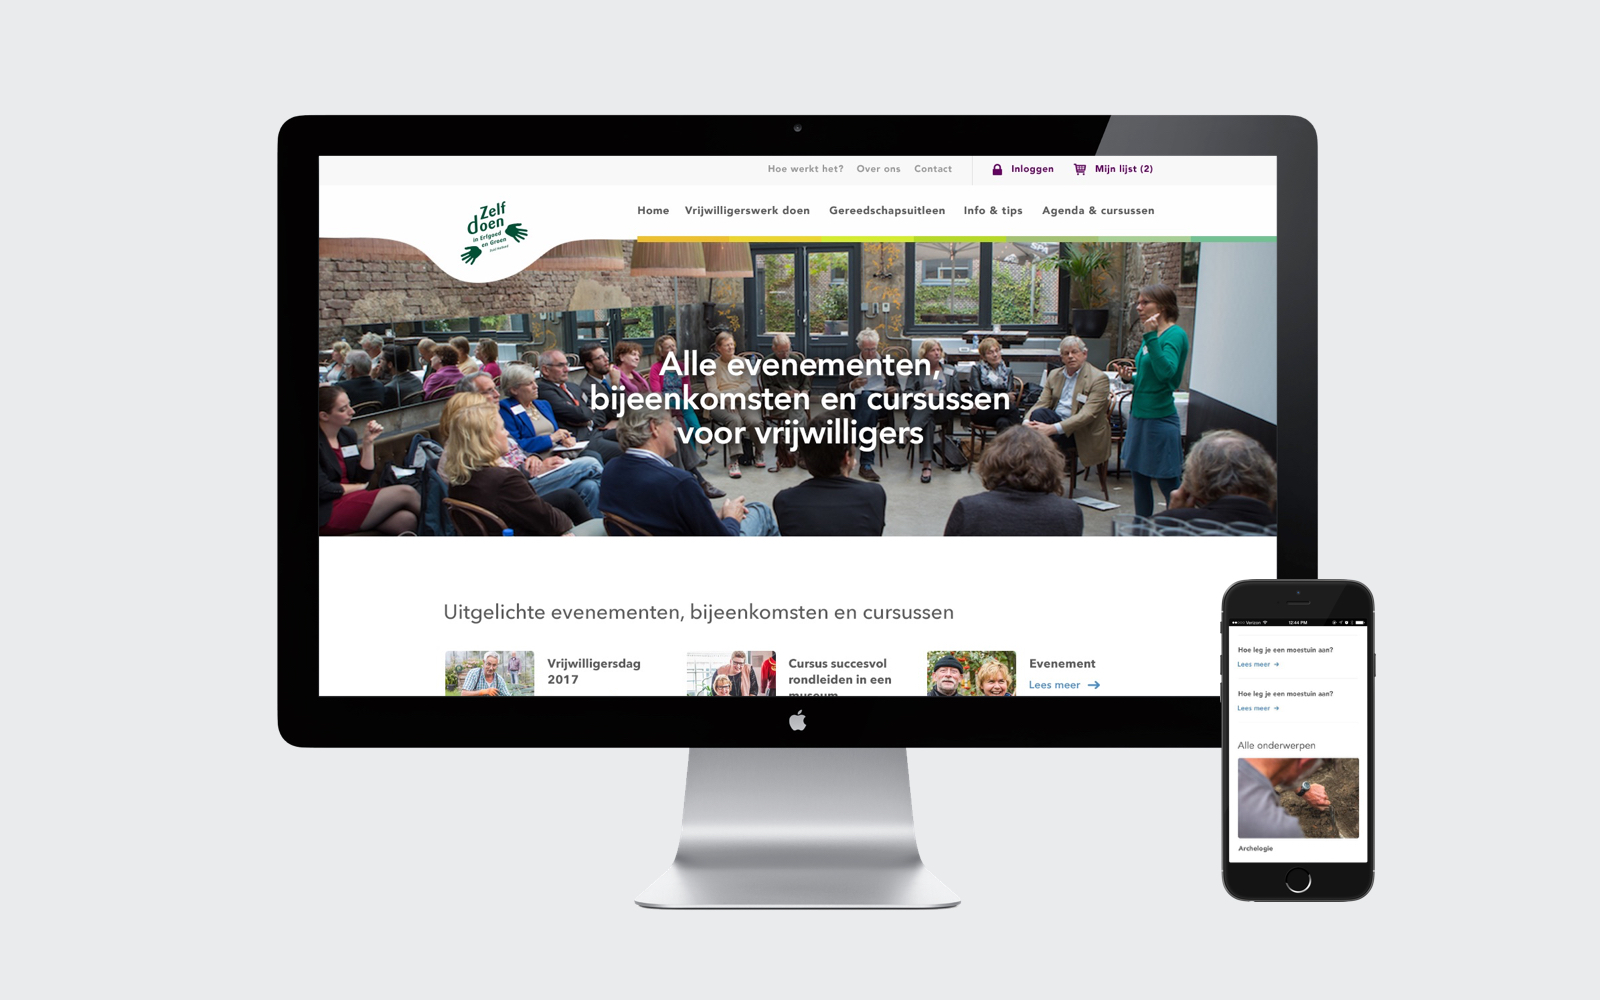 zelf-doen-in-erfgoed-en-groen-website-2